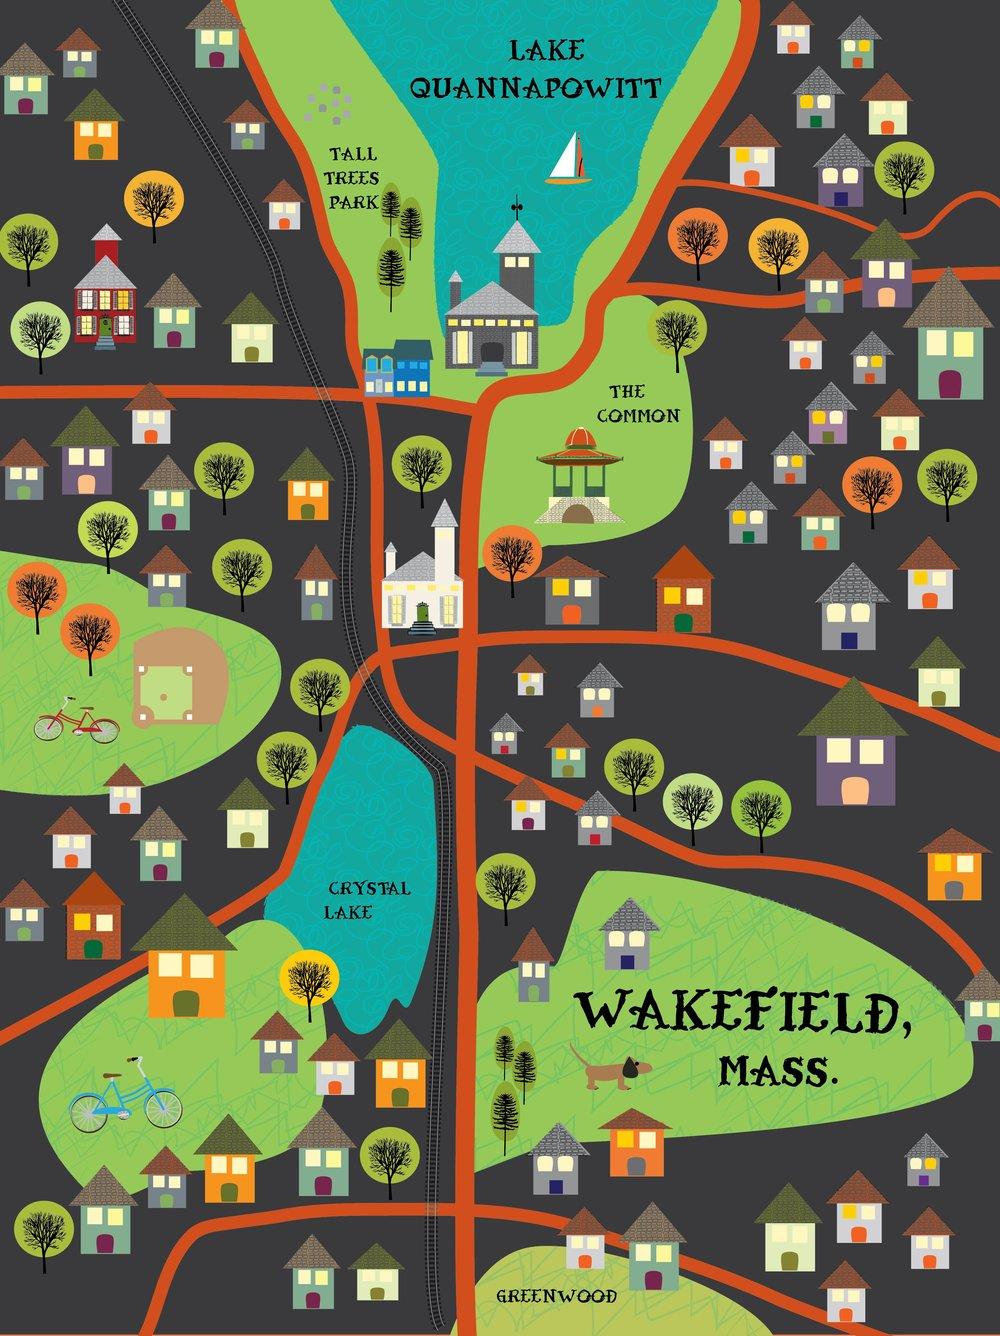 wakefield map2-01.jpg